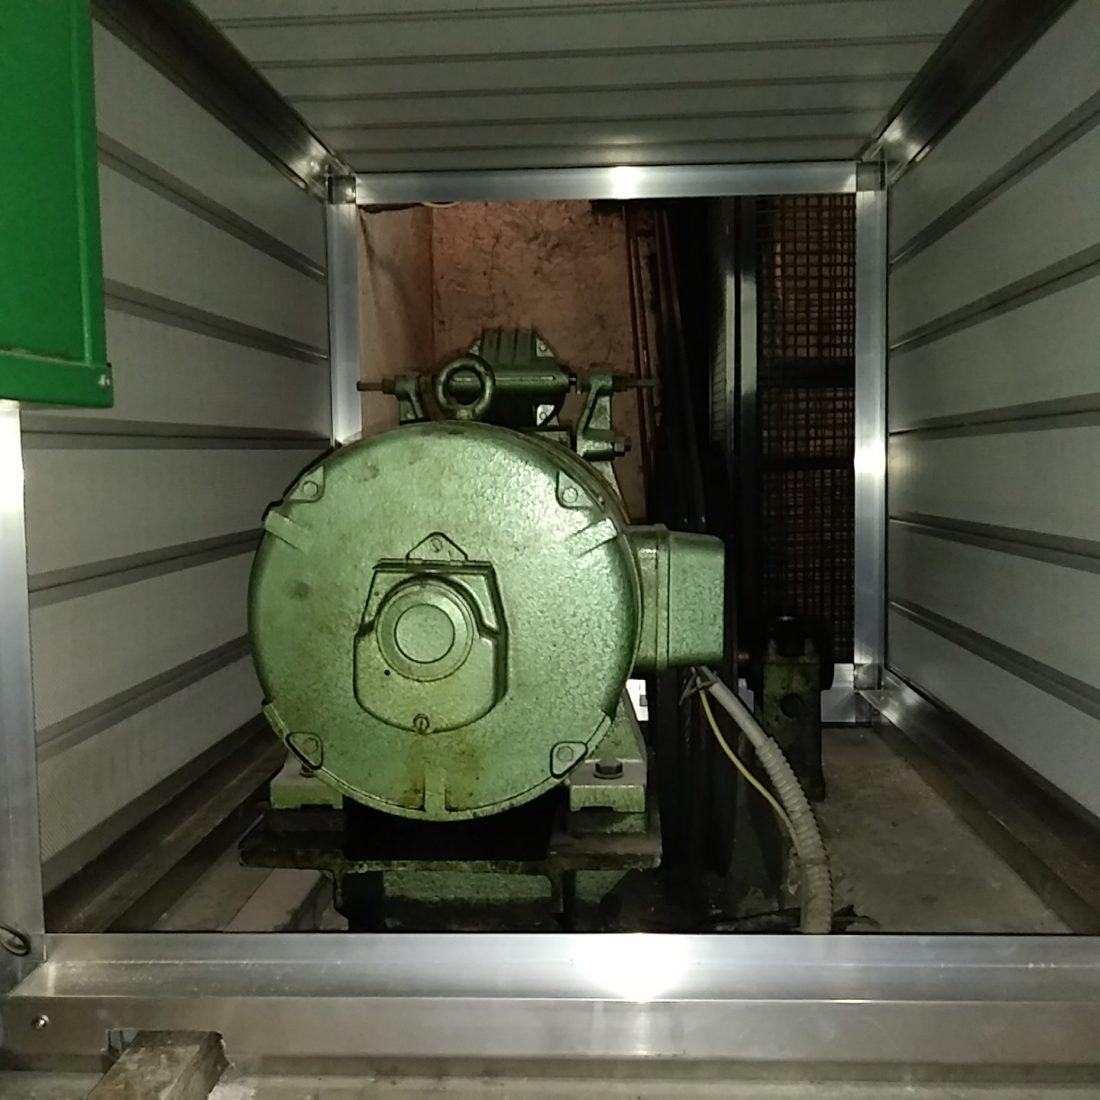 Cabina silente motore ascensore vista interna